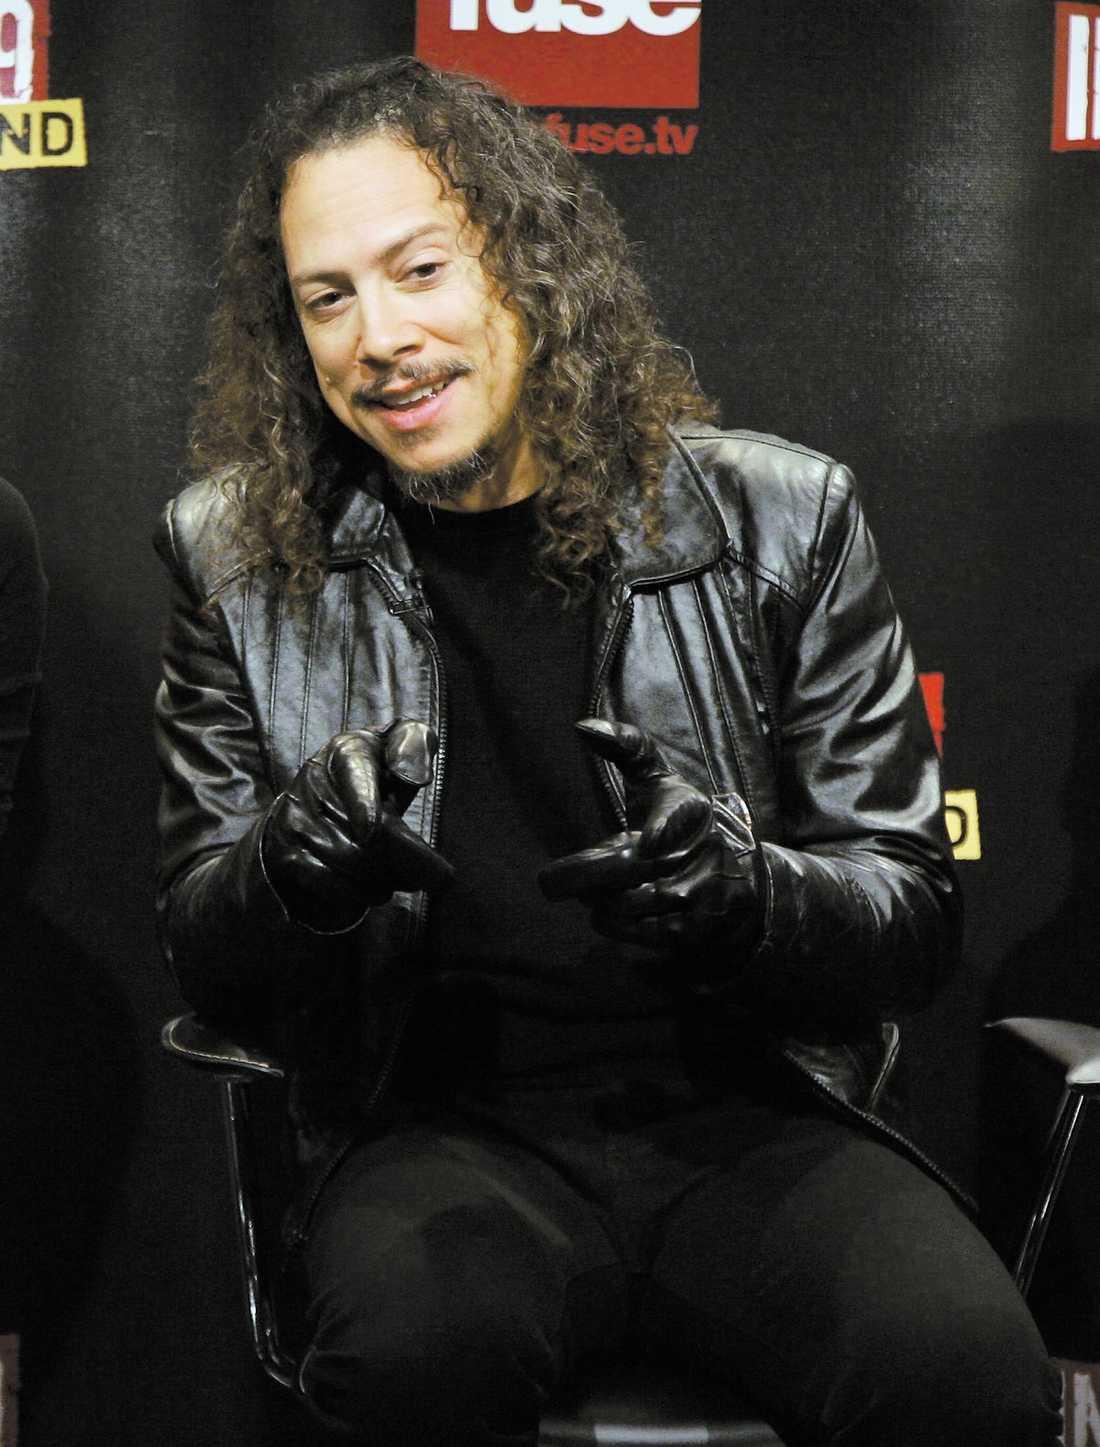 """Kirk Hammett ser fram emot att återvända till Sverige och möta Metallicas kanske mest hängivna fans. Men han brottas fortfarande med tunga minnen från dödsolyckan i Småland för 22 år sedan. """"Men vi har aldrig låtit den händelsen svärta ner hur vi ser på landet i stort"""", säger han."""